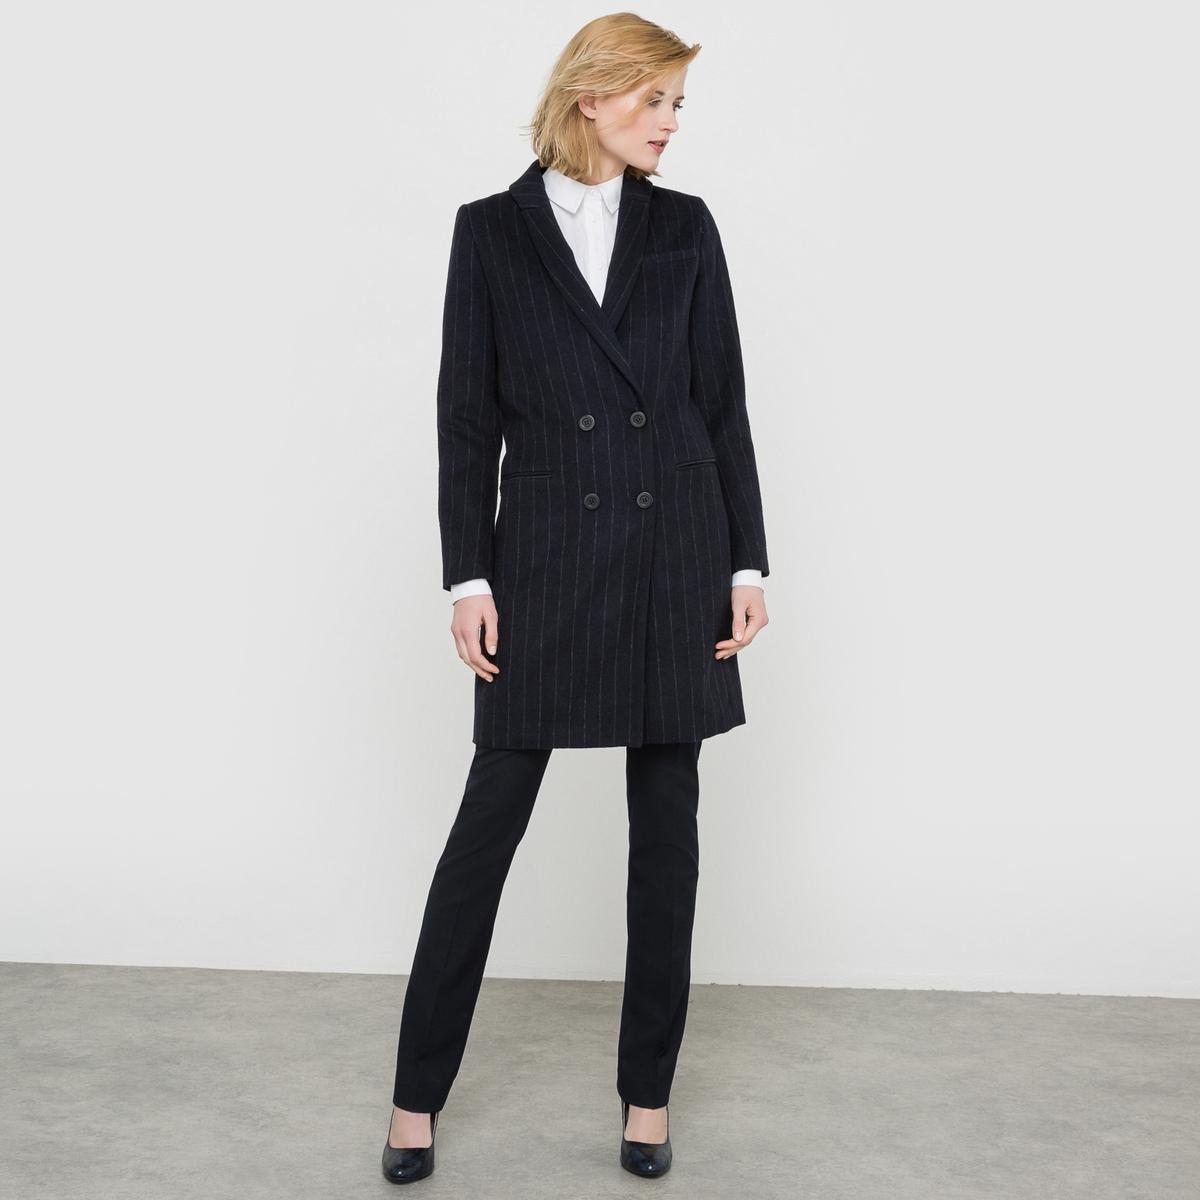 Пальто из шерстяного драпа, 53% шерсти пальто из шерстяного драпа длиной 3 4